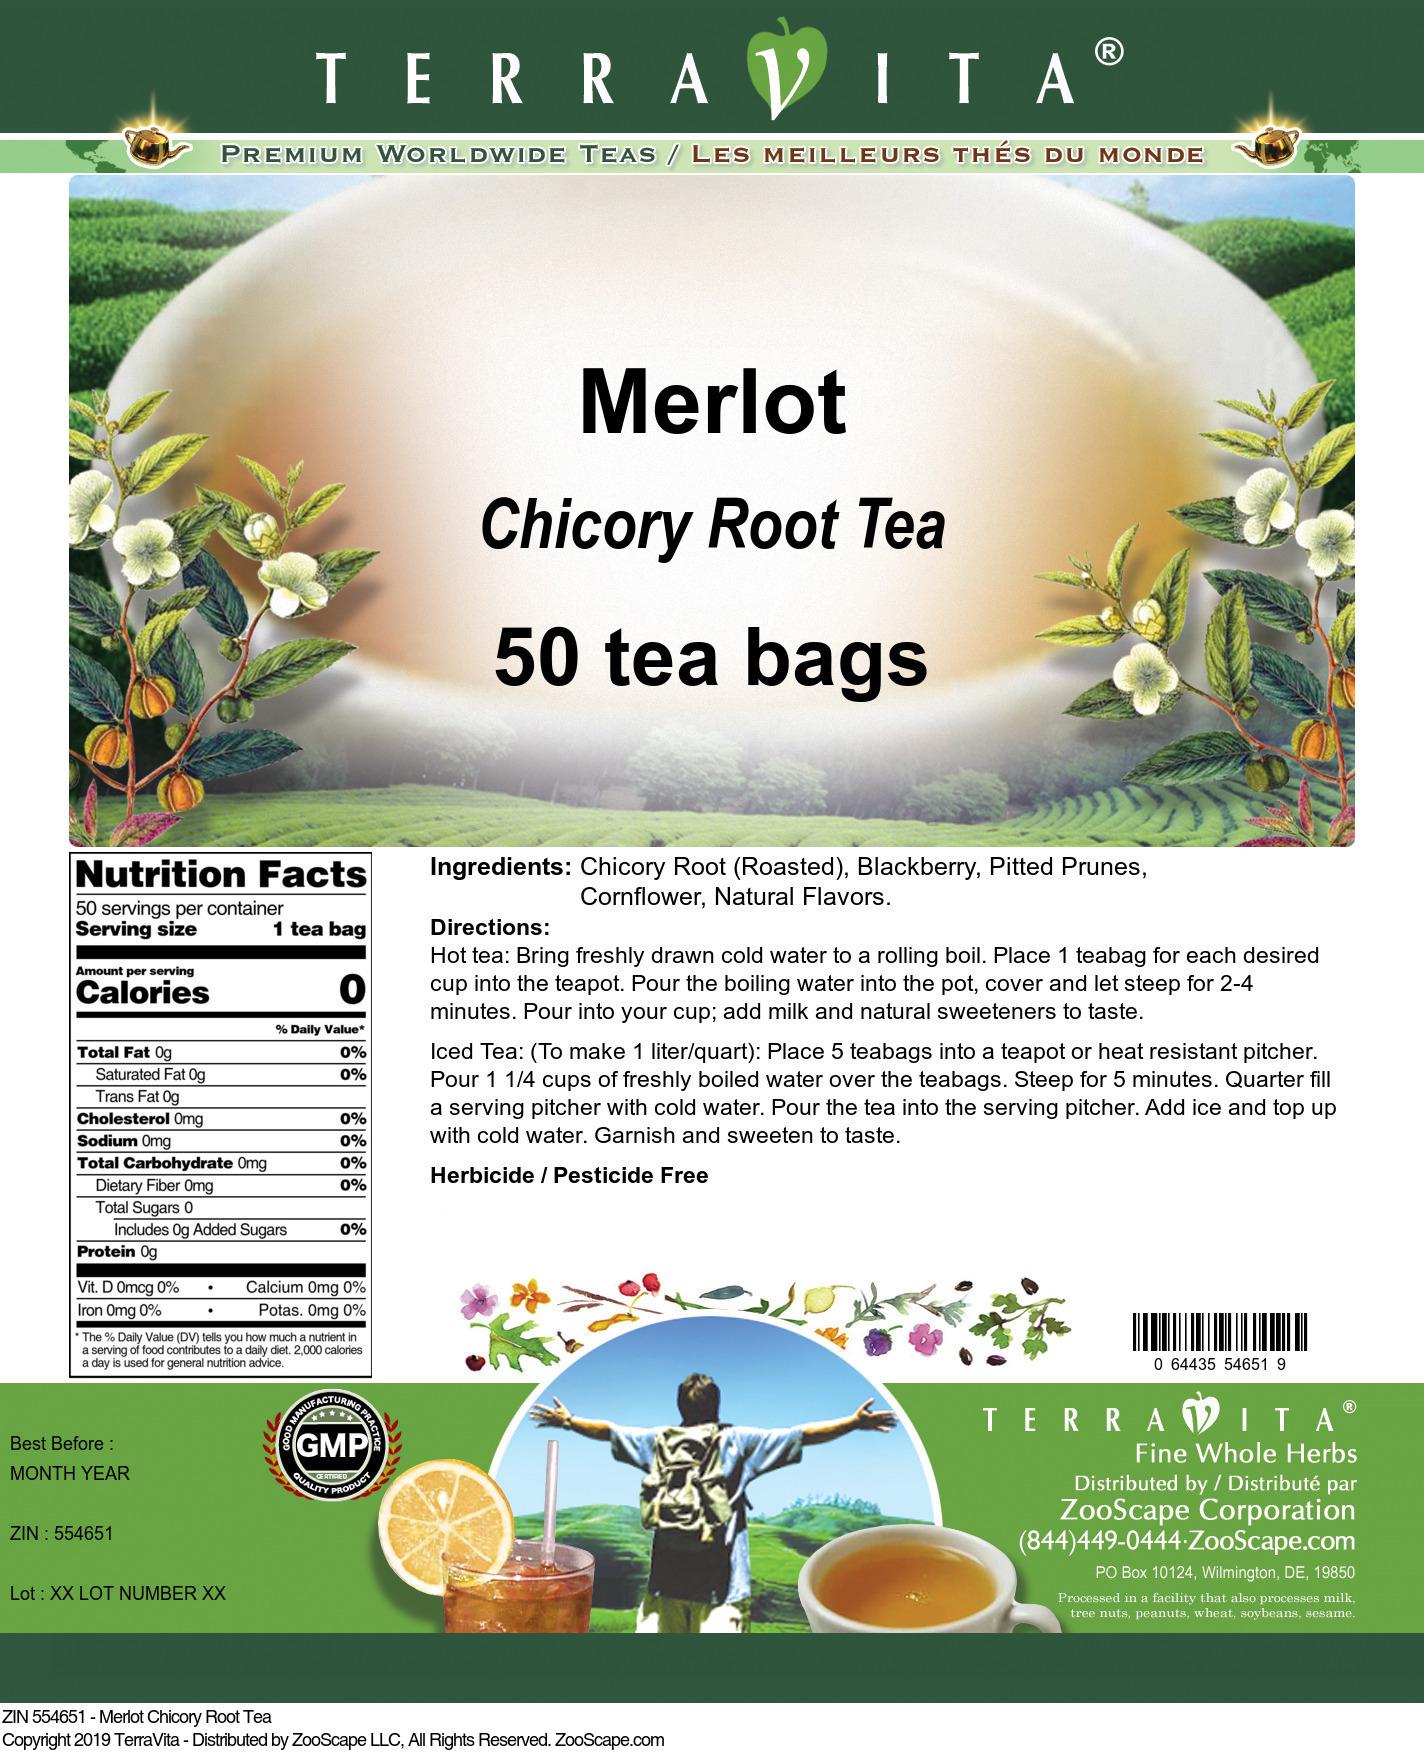 Merlot Chicory Root Tea